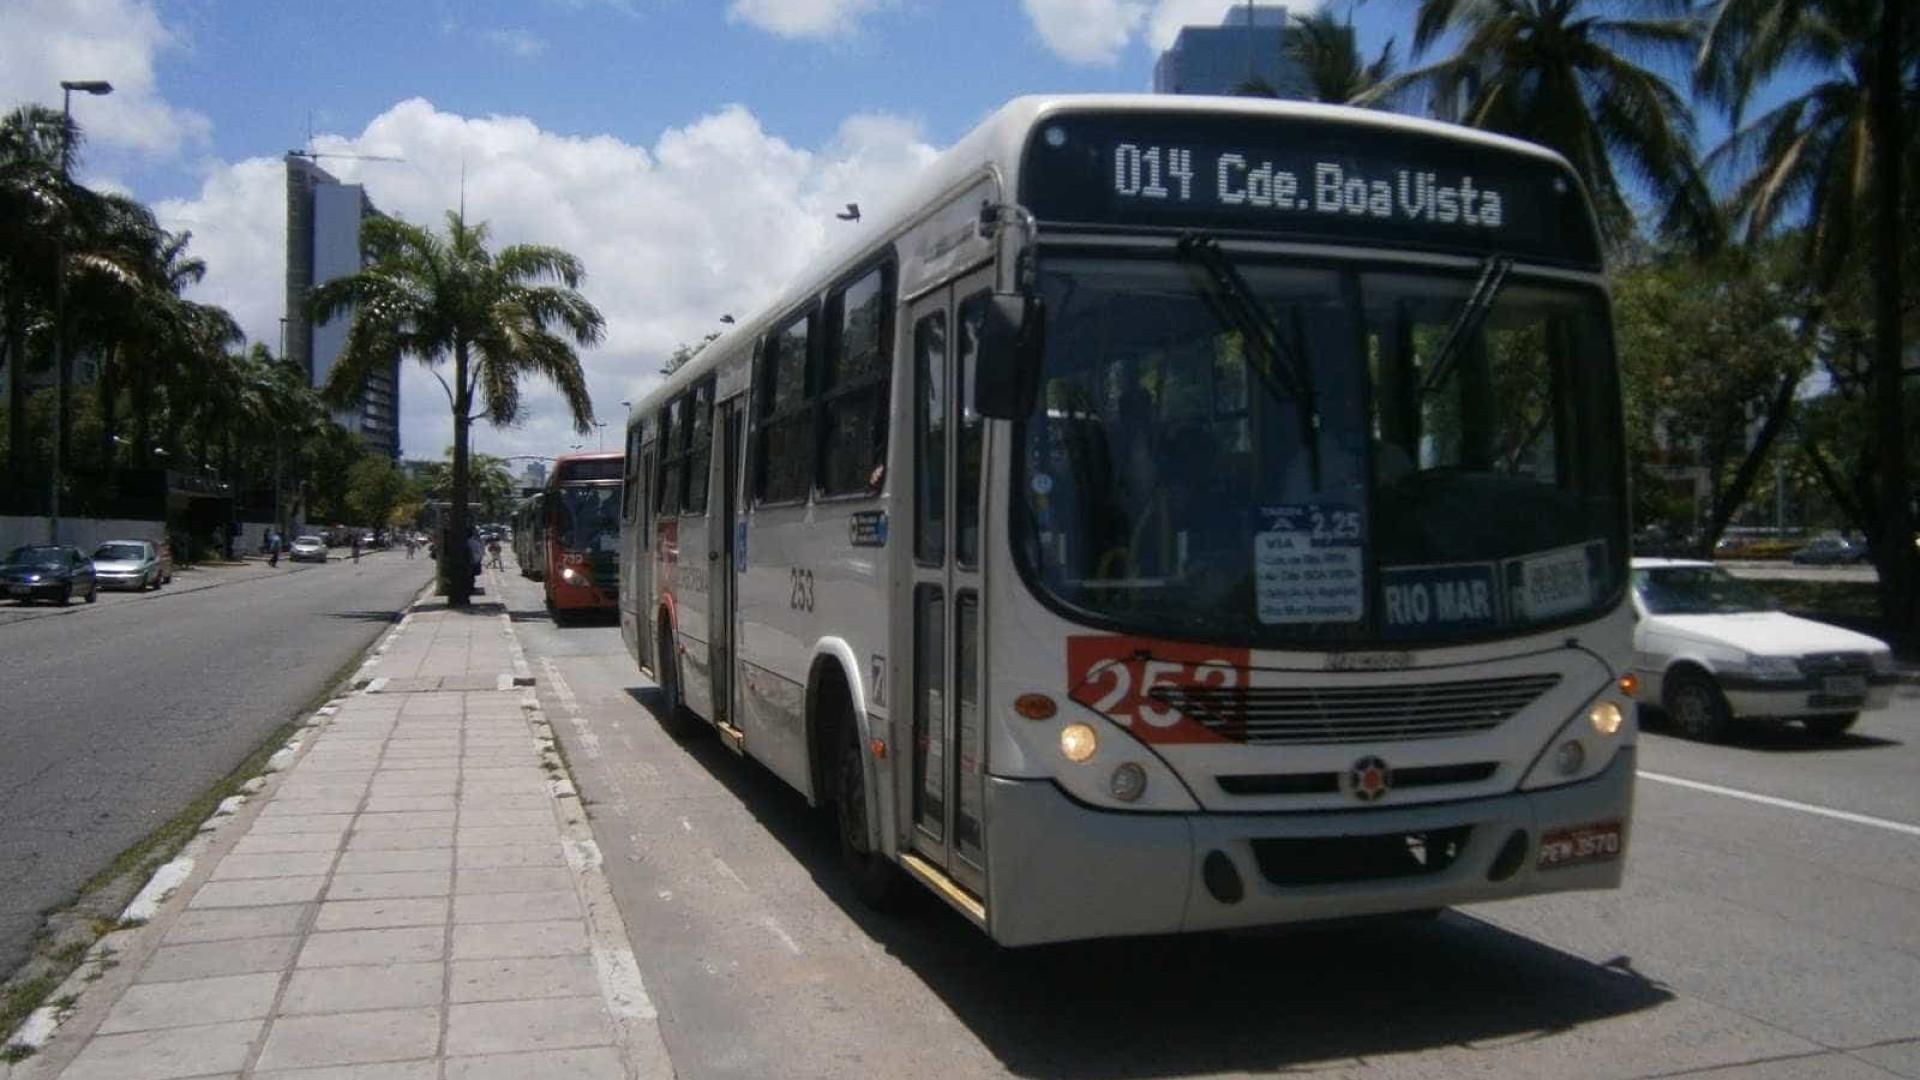 naom 5a2b969d1cde4 - Cantores anunciam assalto em ônibus enquanto fazem um 'repente'